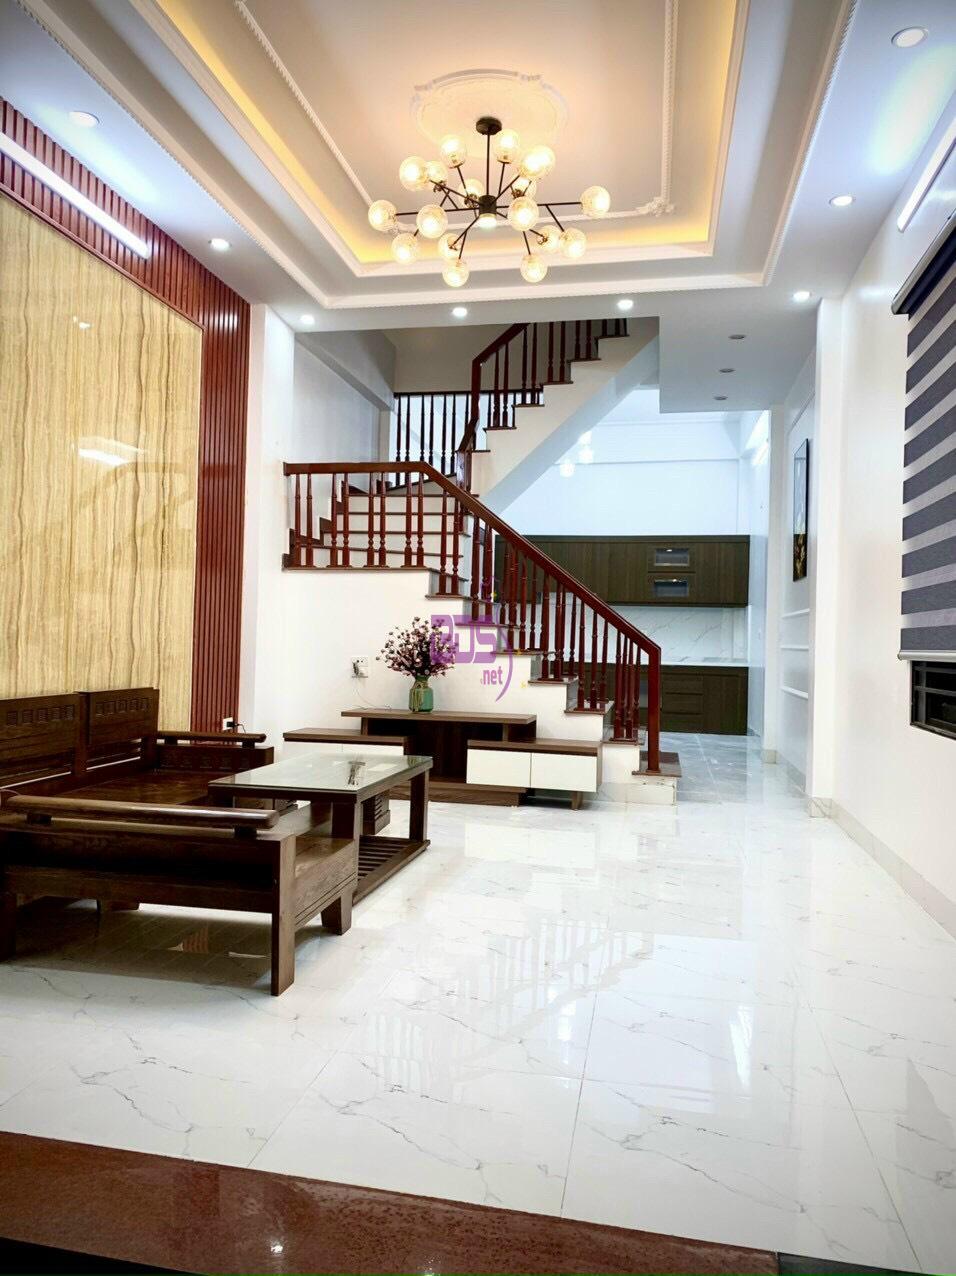 Bán nhà 3 tầng phố Ỷ Lan, Ngọc Châu 46.3m2, hướng Tây mới đẹp-7